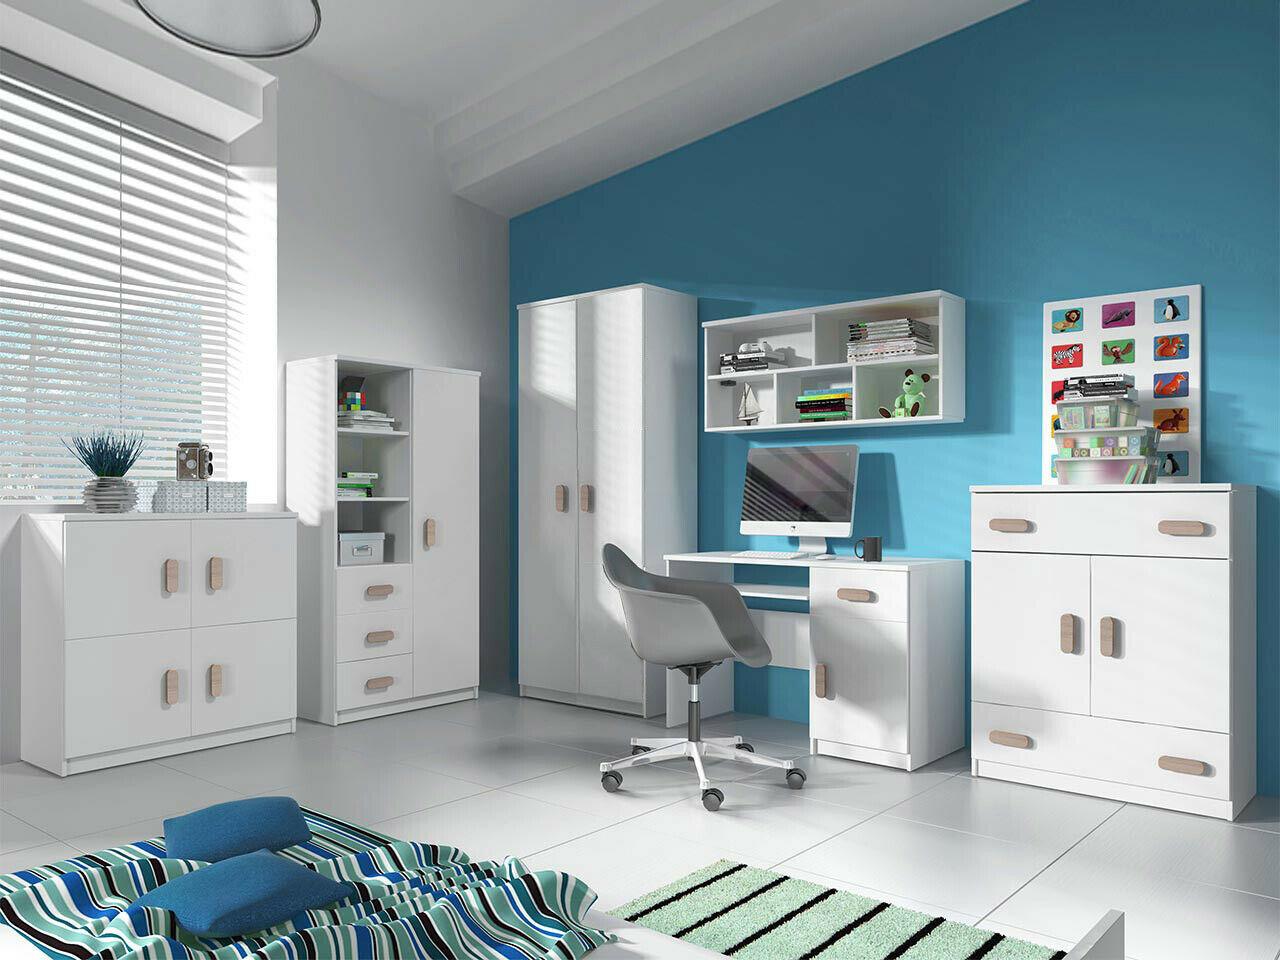 Full Size of Sunny Jugendzimmer Kinderzimmer 3 Teilig Komplett Wei Blau Günstige Betten Bett Kaufen Günstig Badezimmer Sofa Regal Weiß Regale Günstiges Komplettes Kinderzimmer Kinderzimmer Komplett Günstig